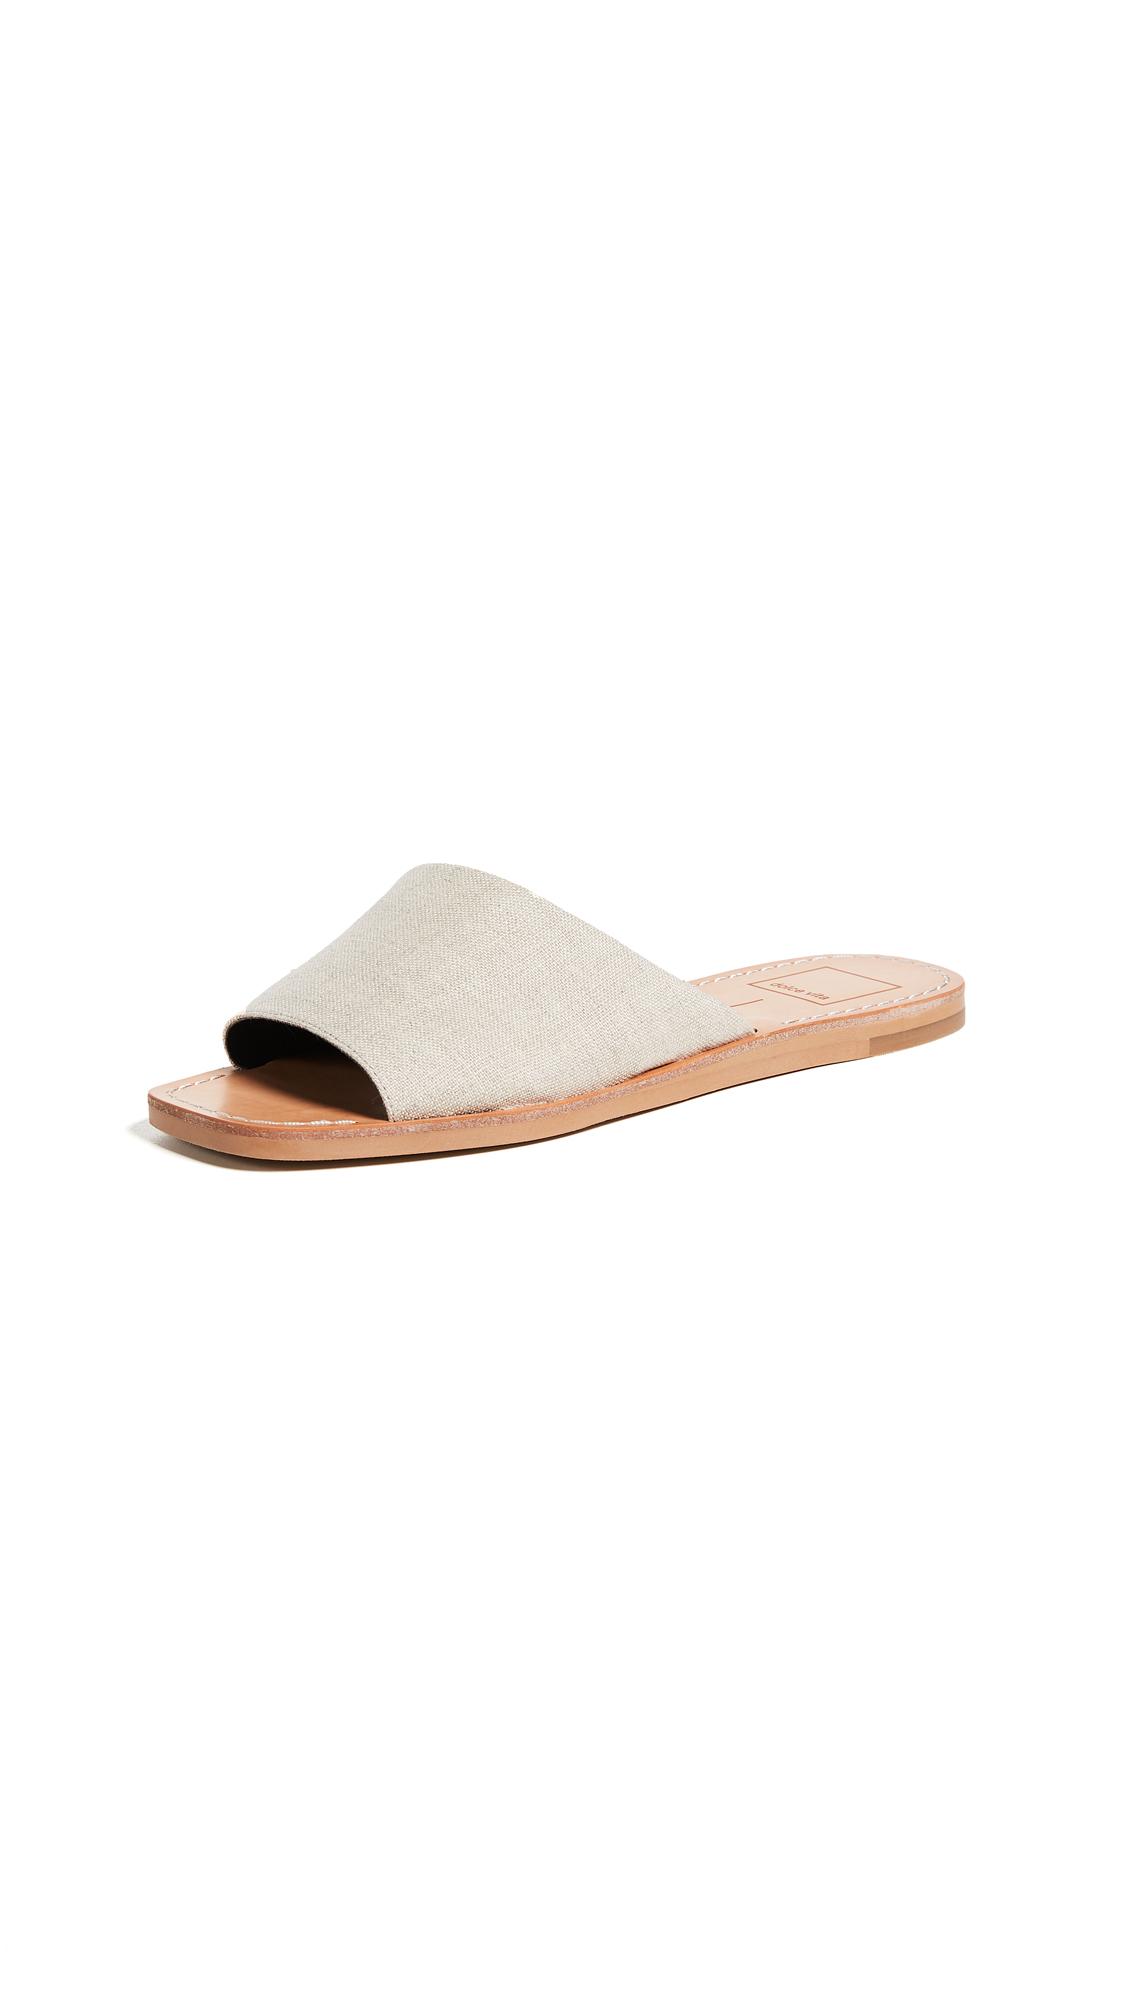 Dolce Vita Cato Slides - Sand